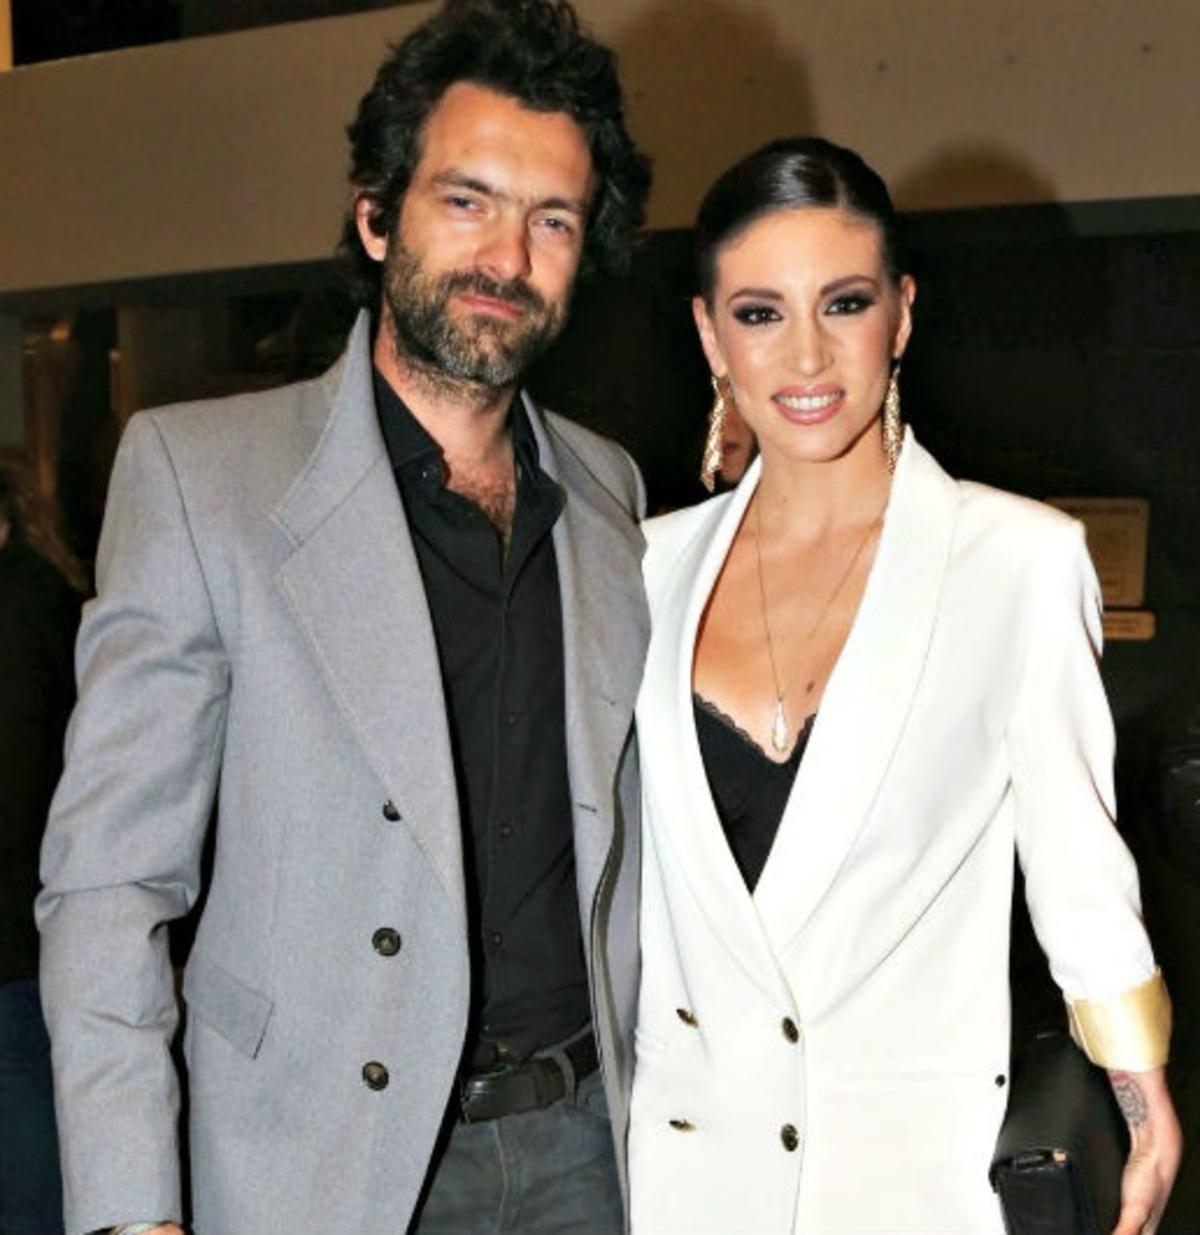 Αθηνά Οικονομάκου – Φίλιππος Μιχόπουλος: Παντρεύτηκαν! | Newsit.gr